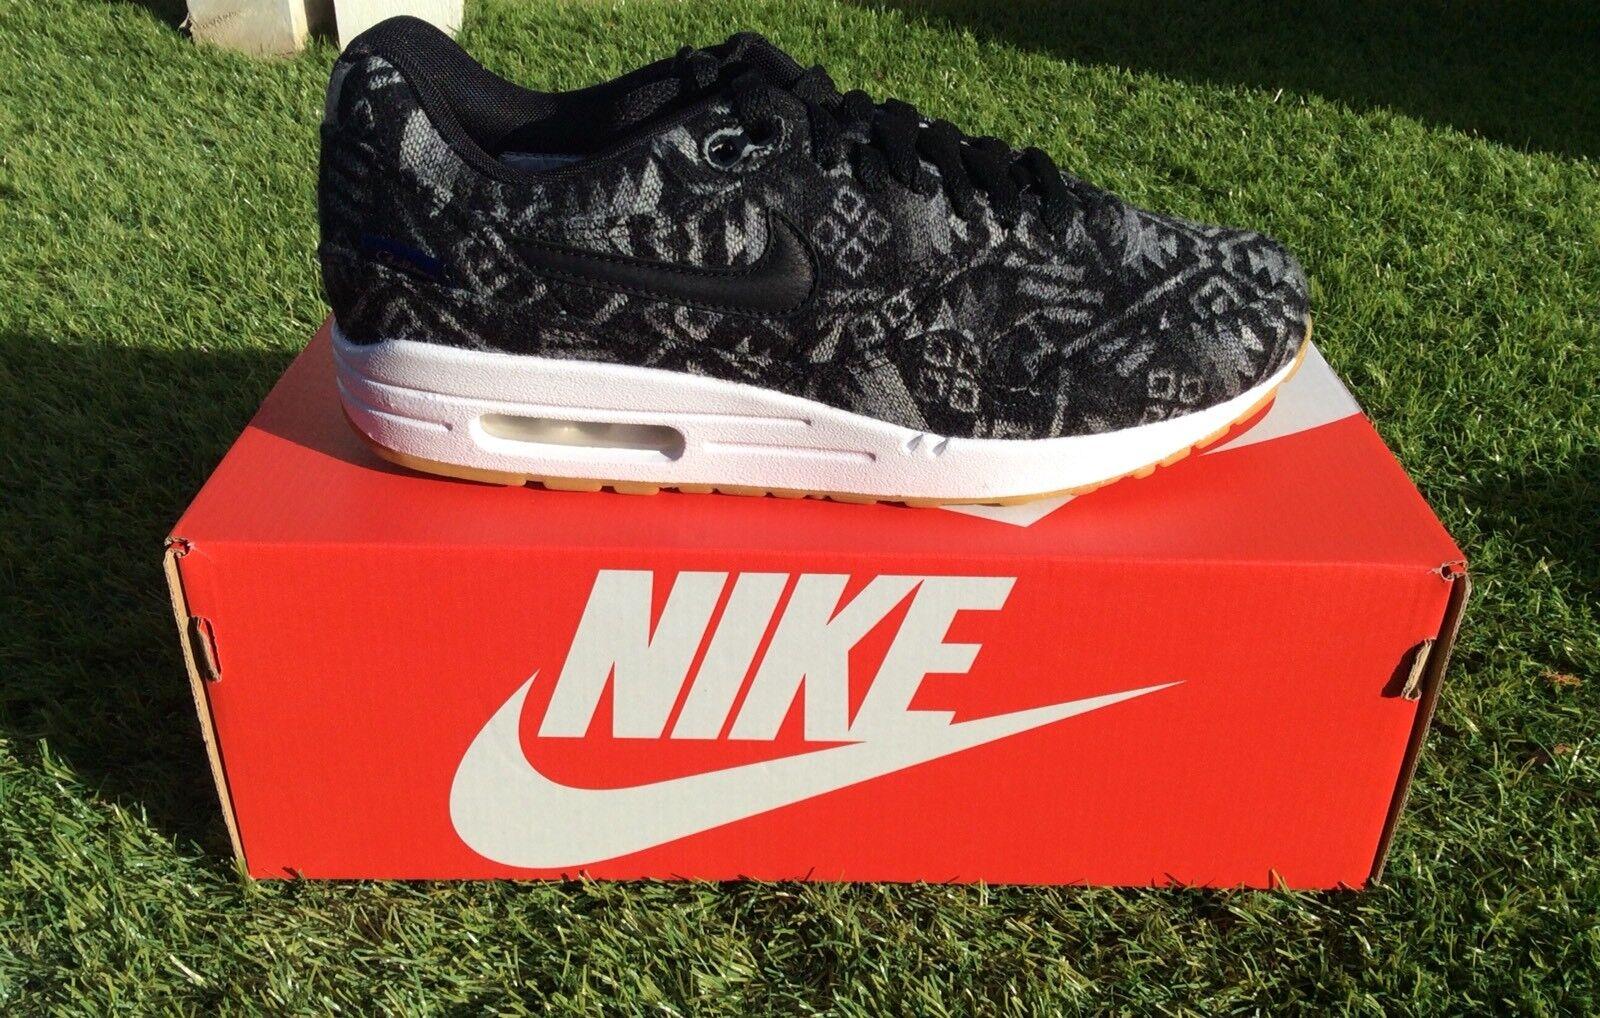 Nike Air Max 1 PRM Pendleton Trainers UK